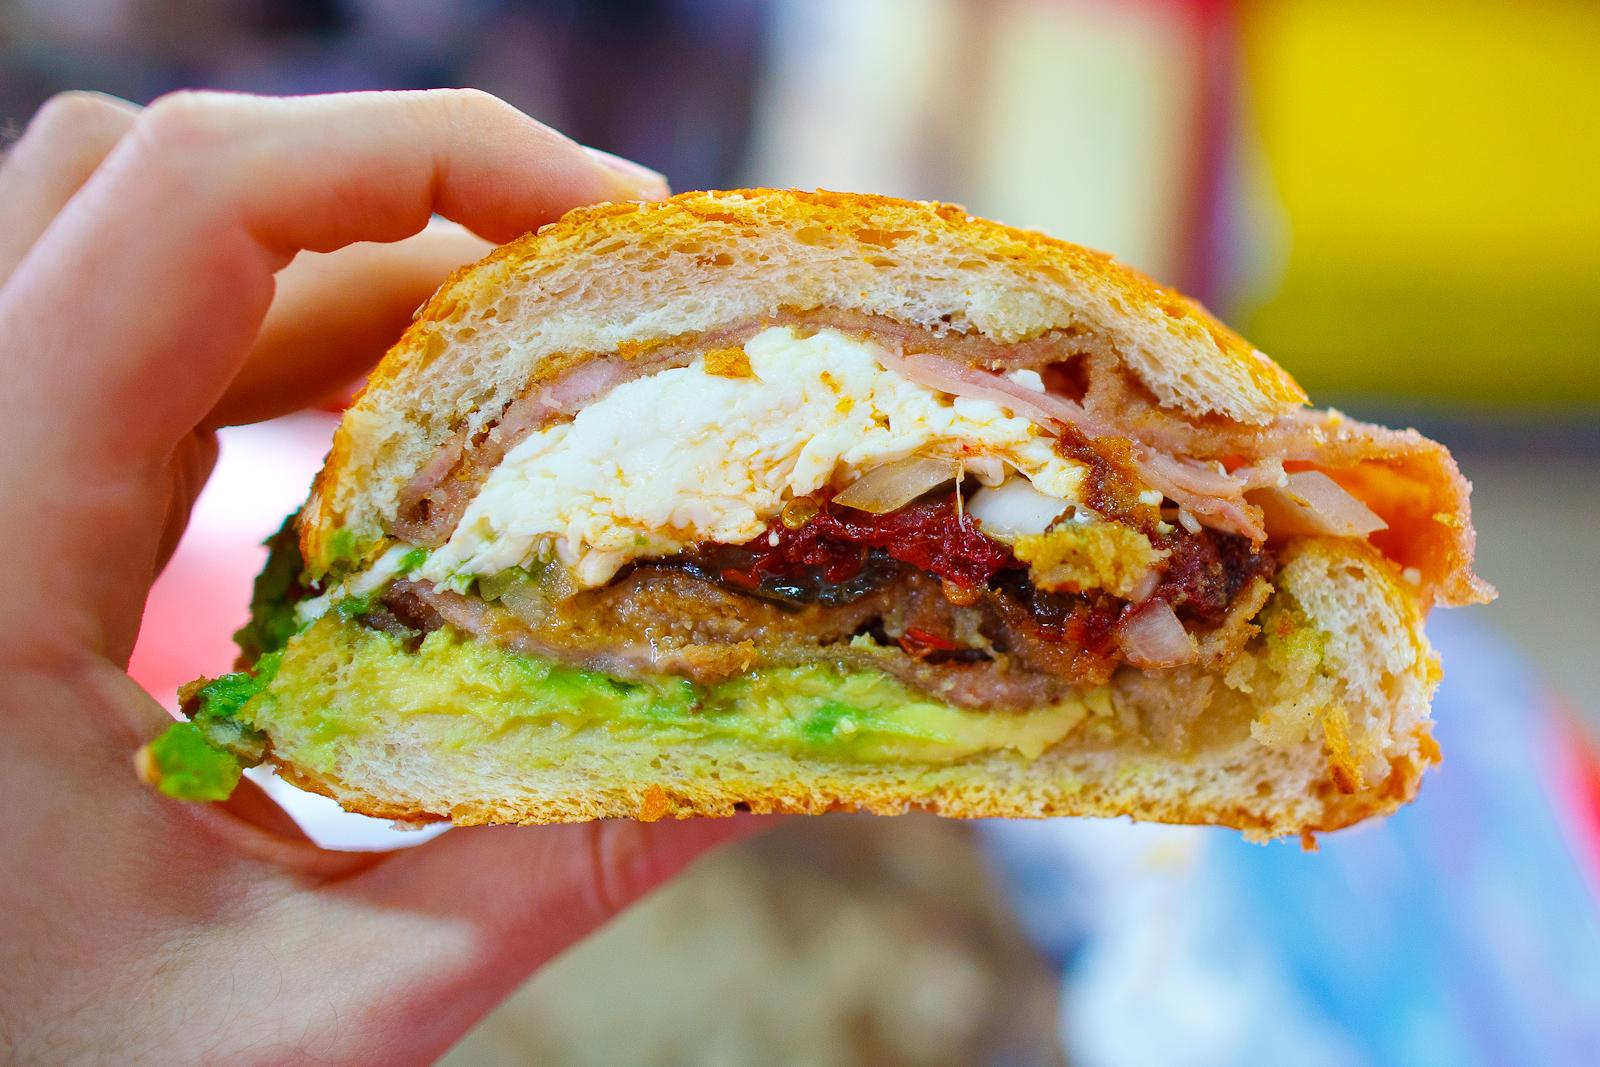 Cemita de milanesa (breaded pork sandwich, chipotle, quesillo, avocado, onion) (25 MXP)